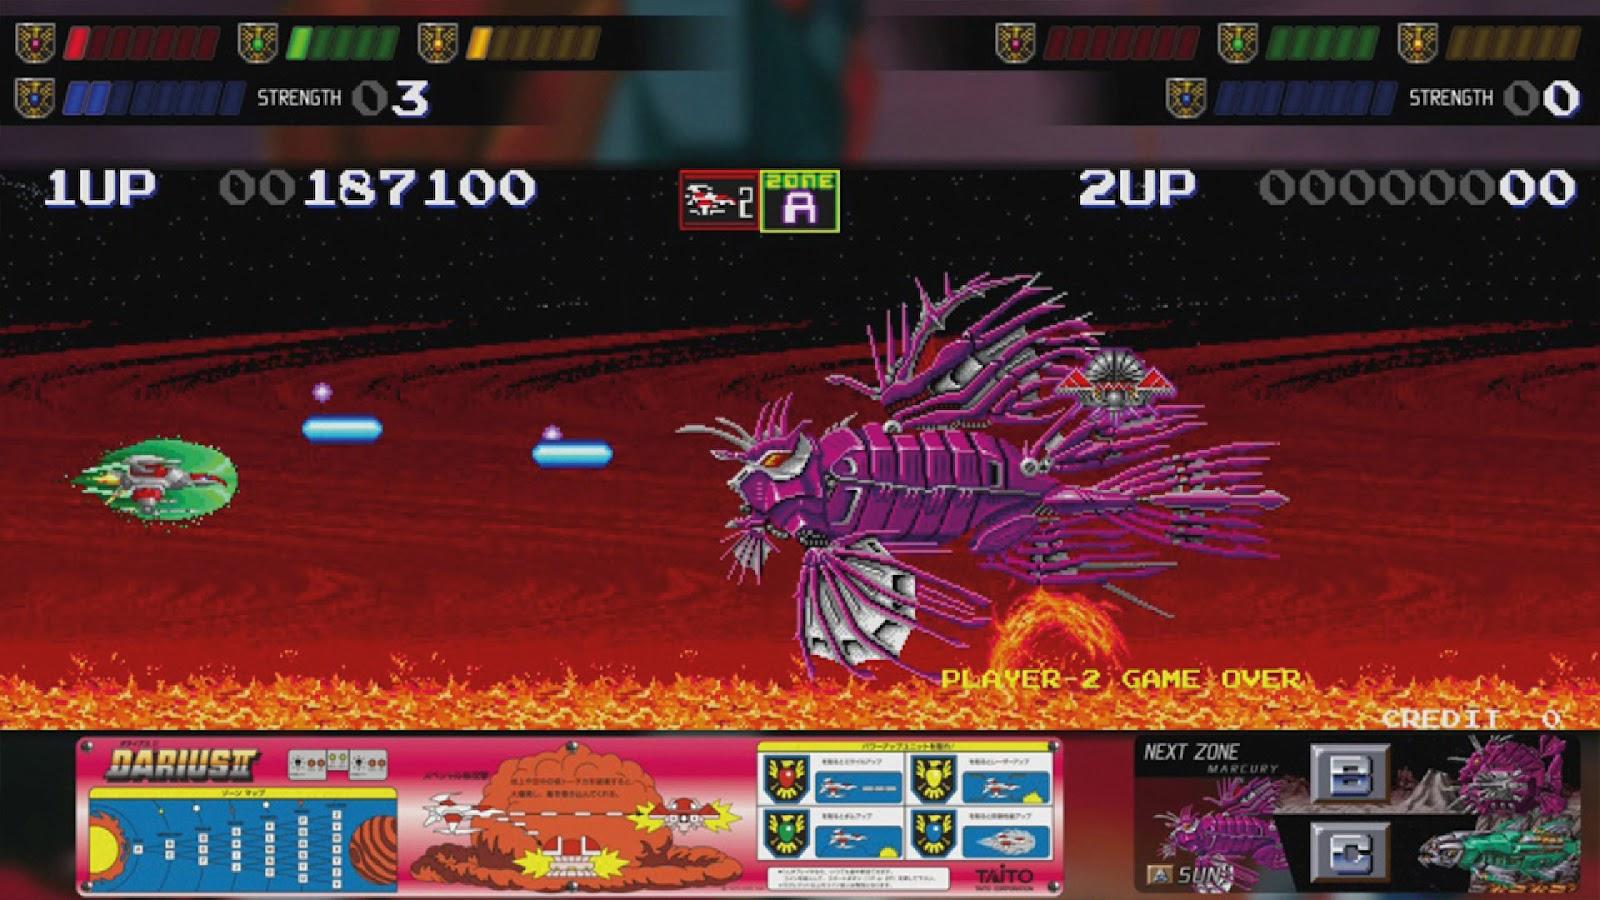 Arcade collection screen 2